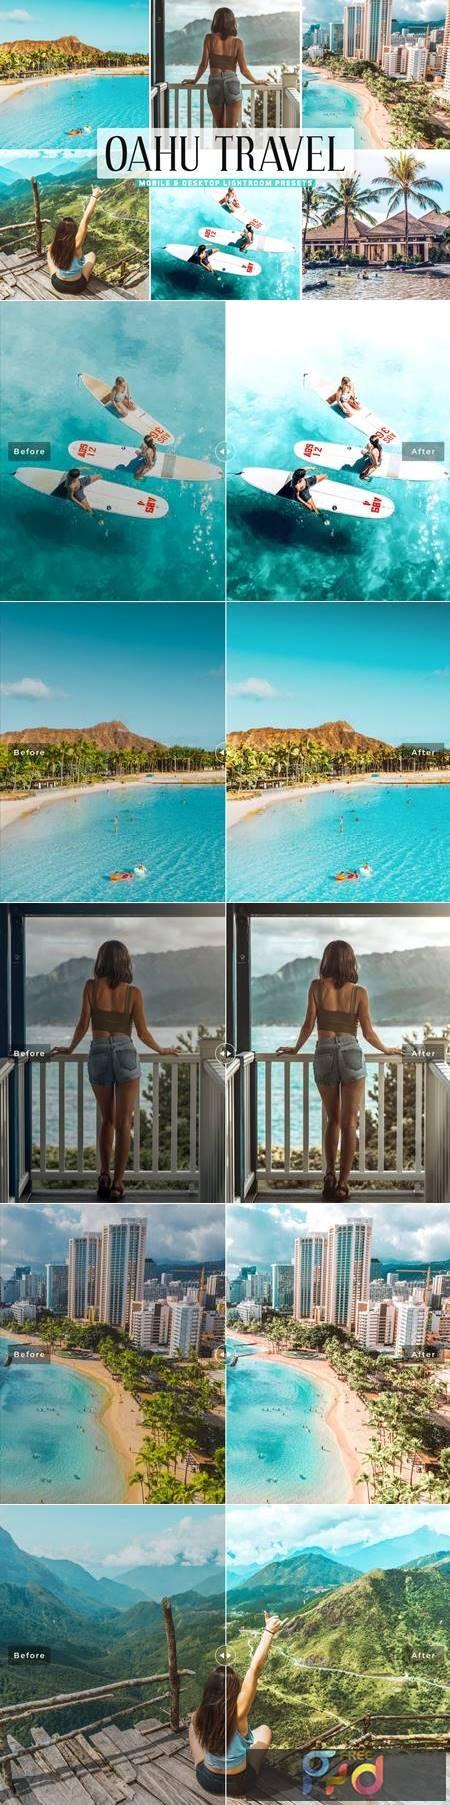 Oahu Travel Mobile & Desktop Lightroom Presets ZHYGPK4 1